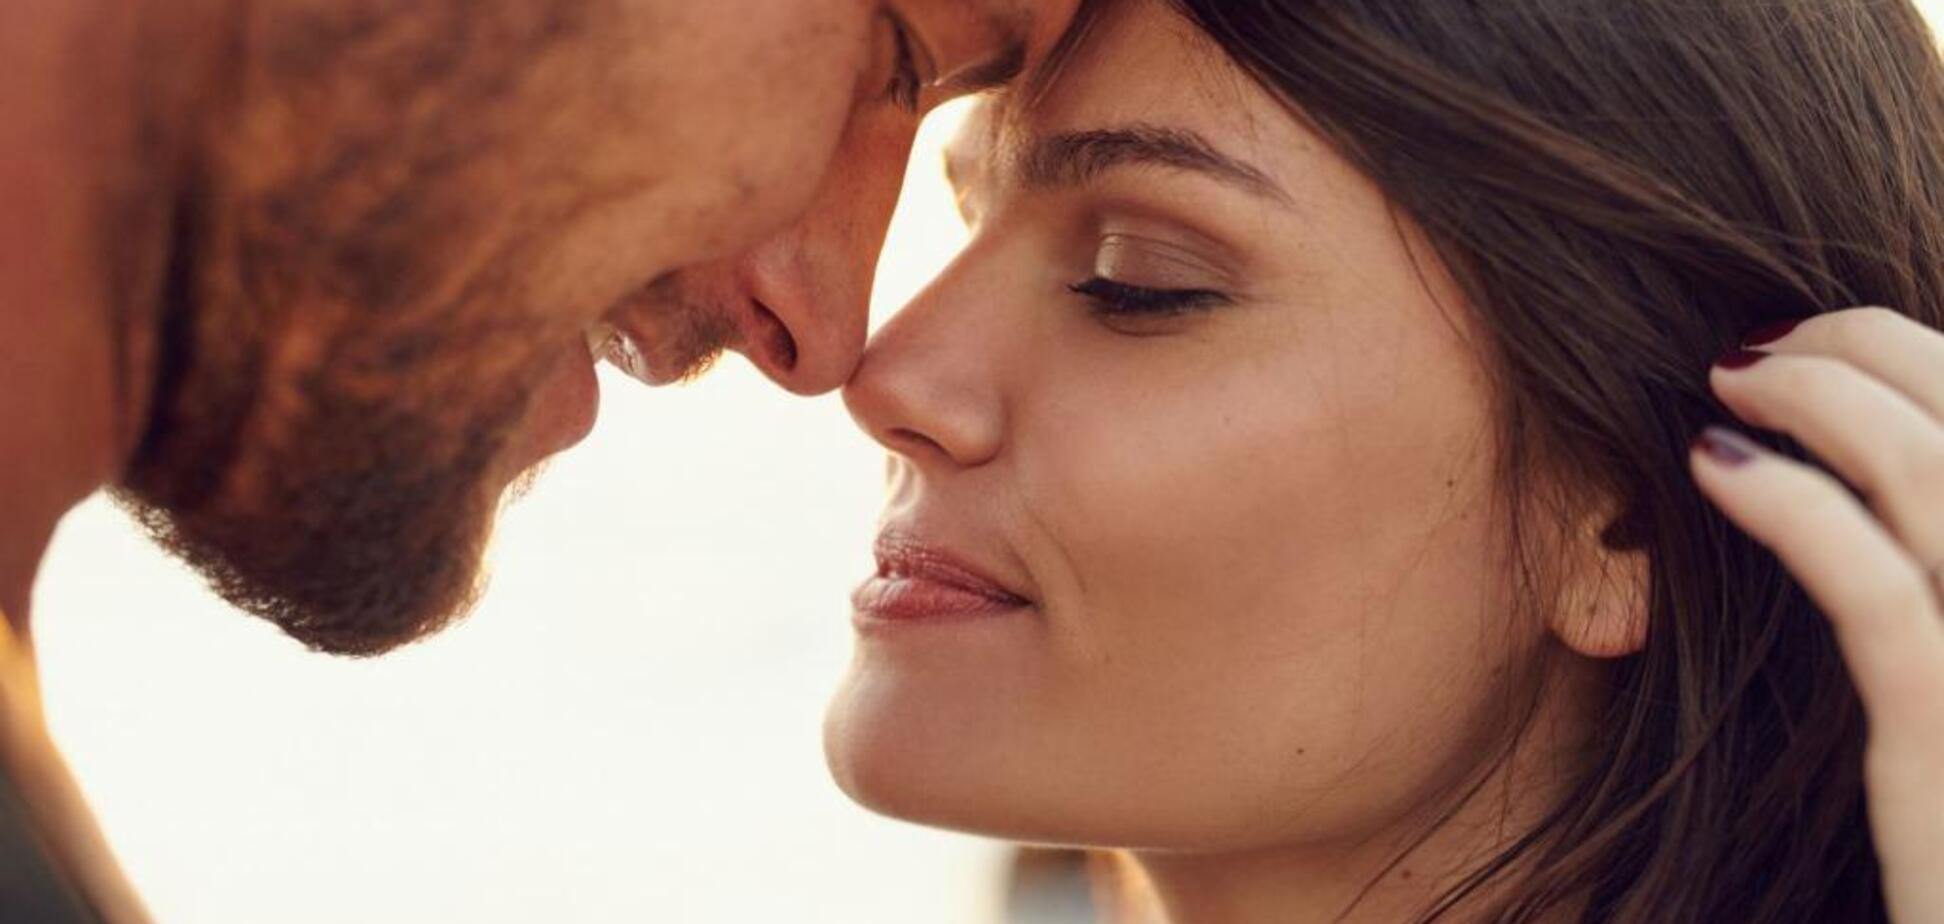 Женские изюминки во внешности, которые сводят мужчин с ума: топ-5